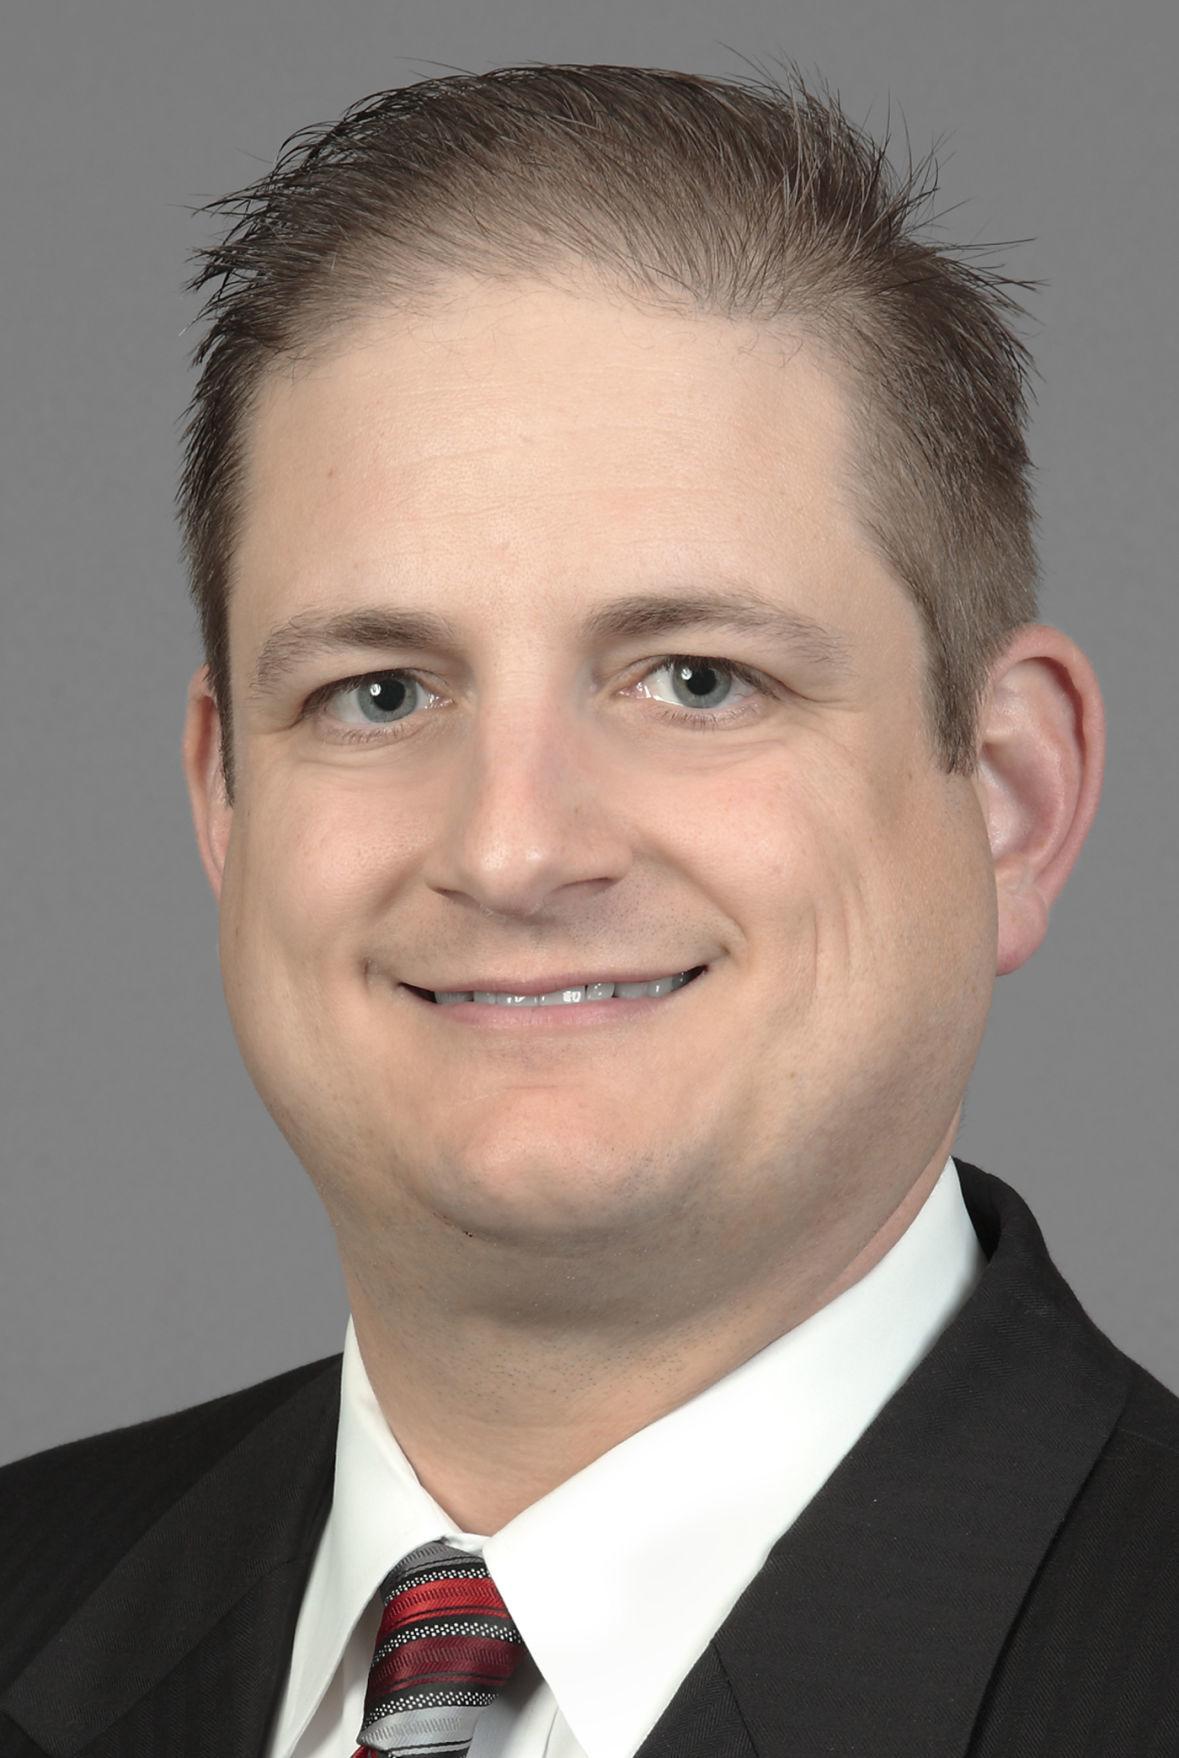 Eric Sommer